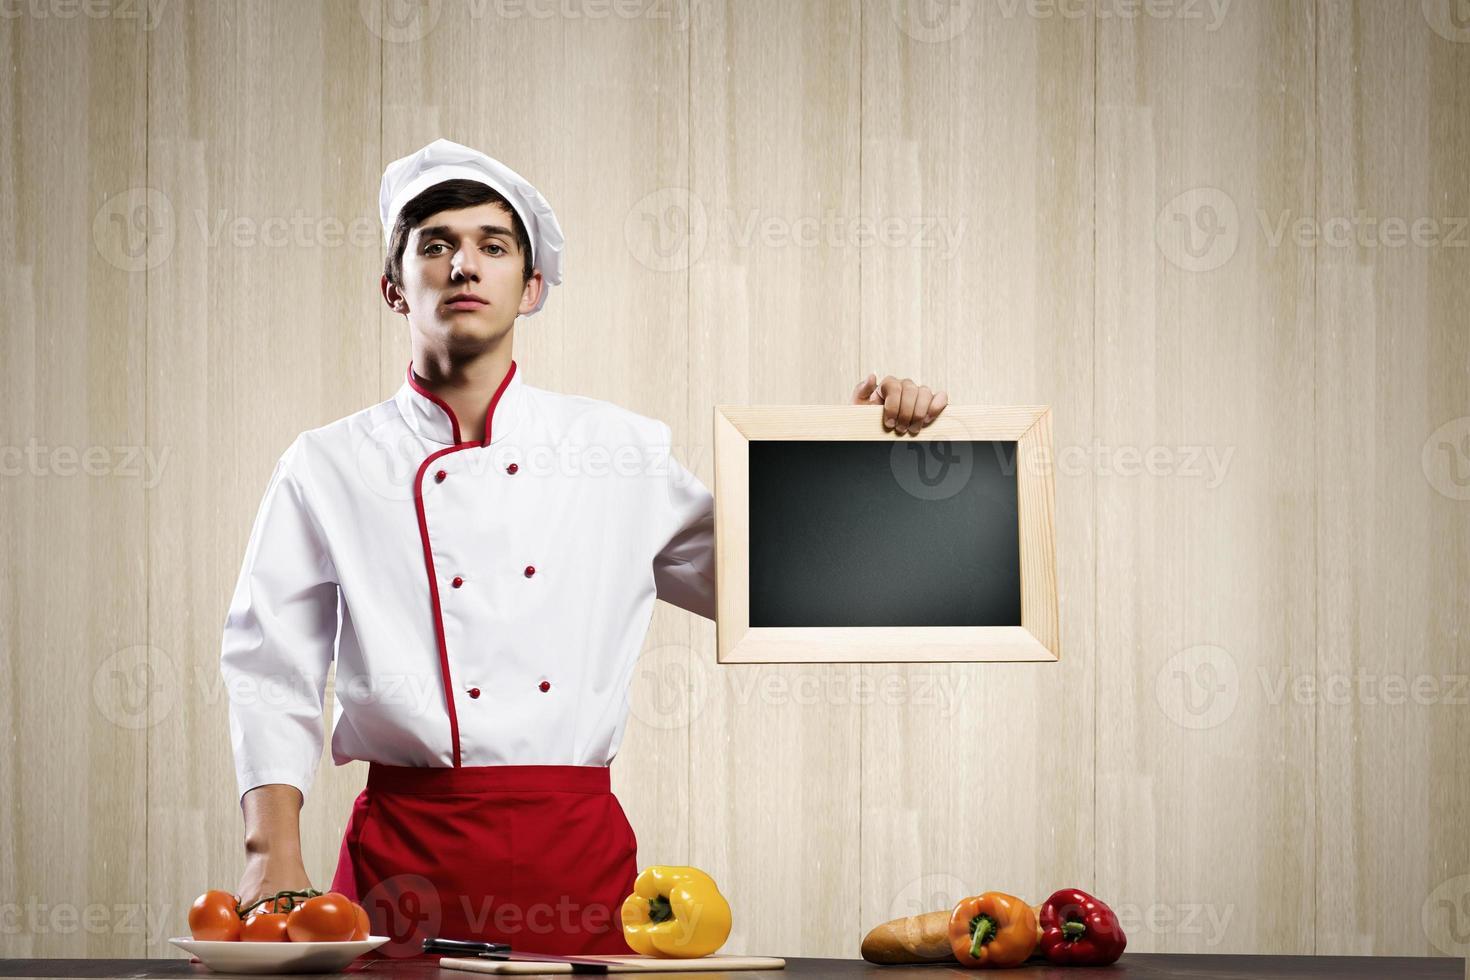 joven cocinero foto